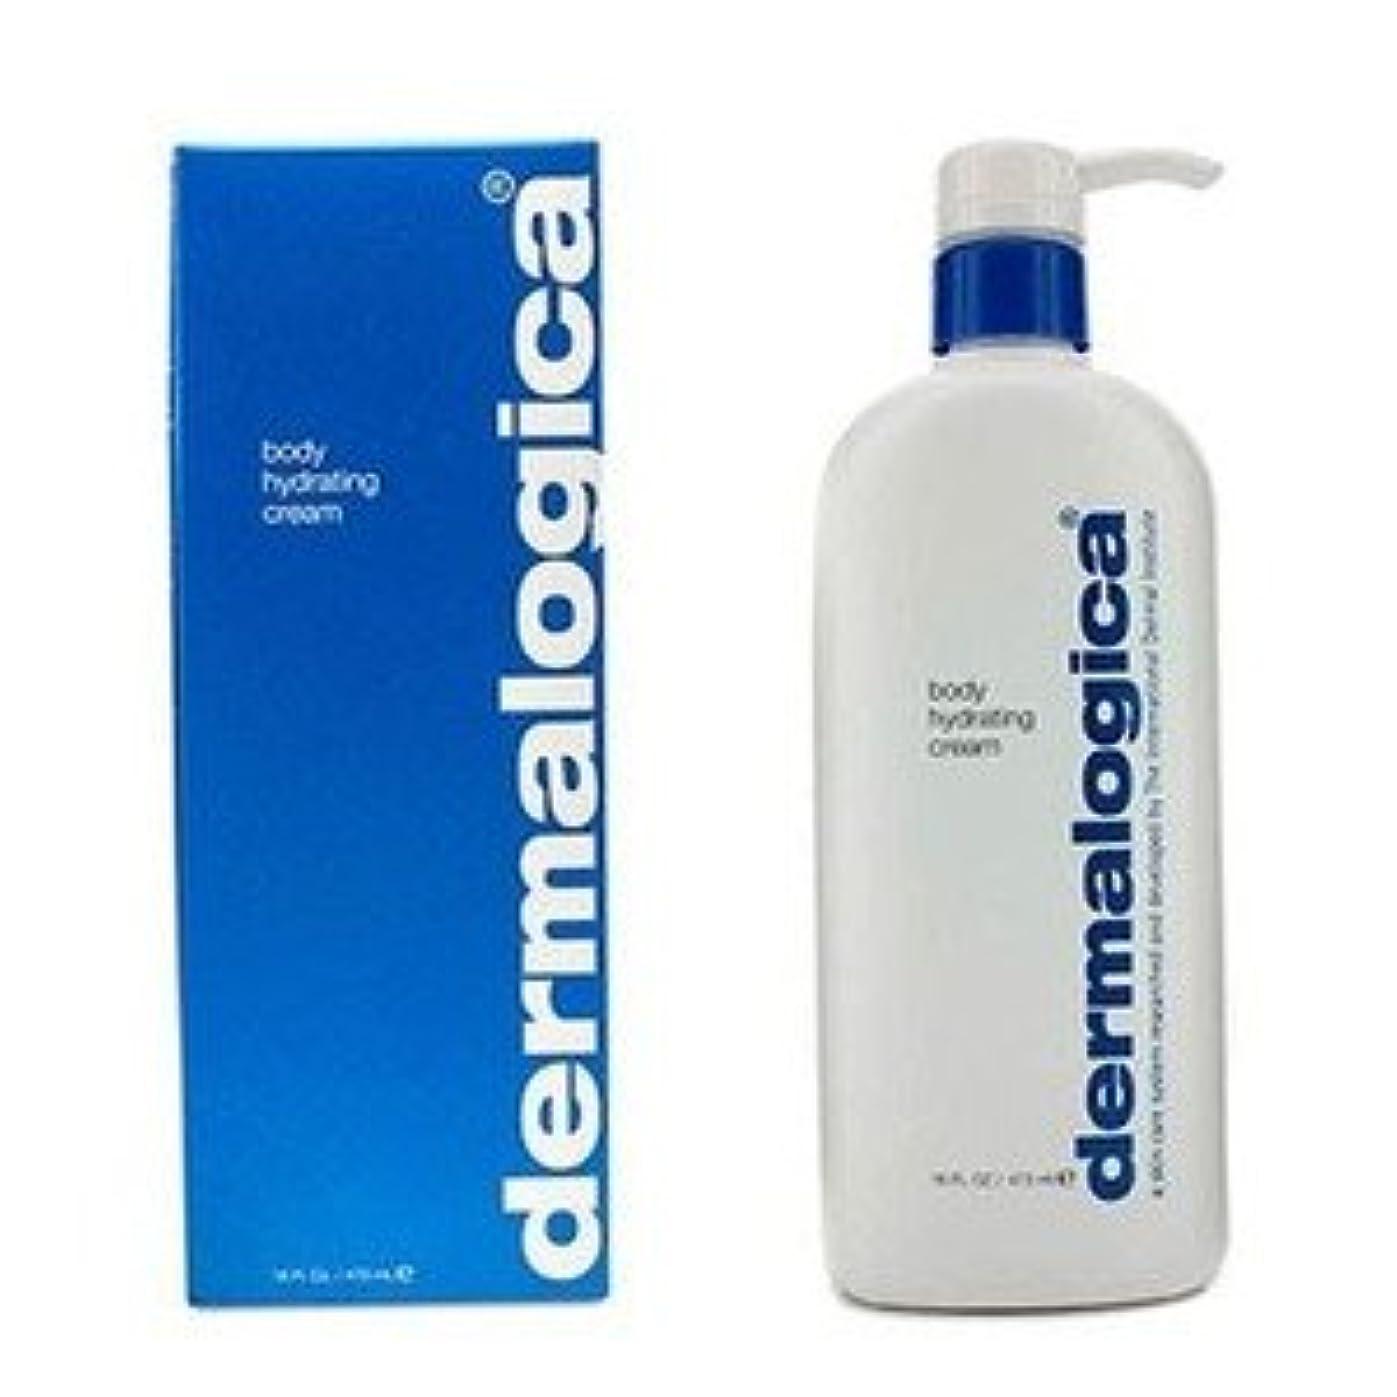 石膏そして大きさダーマロジカ(Dermalogica) ボディ ハイドレイティング クリーム 473ml/16oz [並行輸入品]